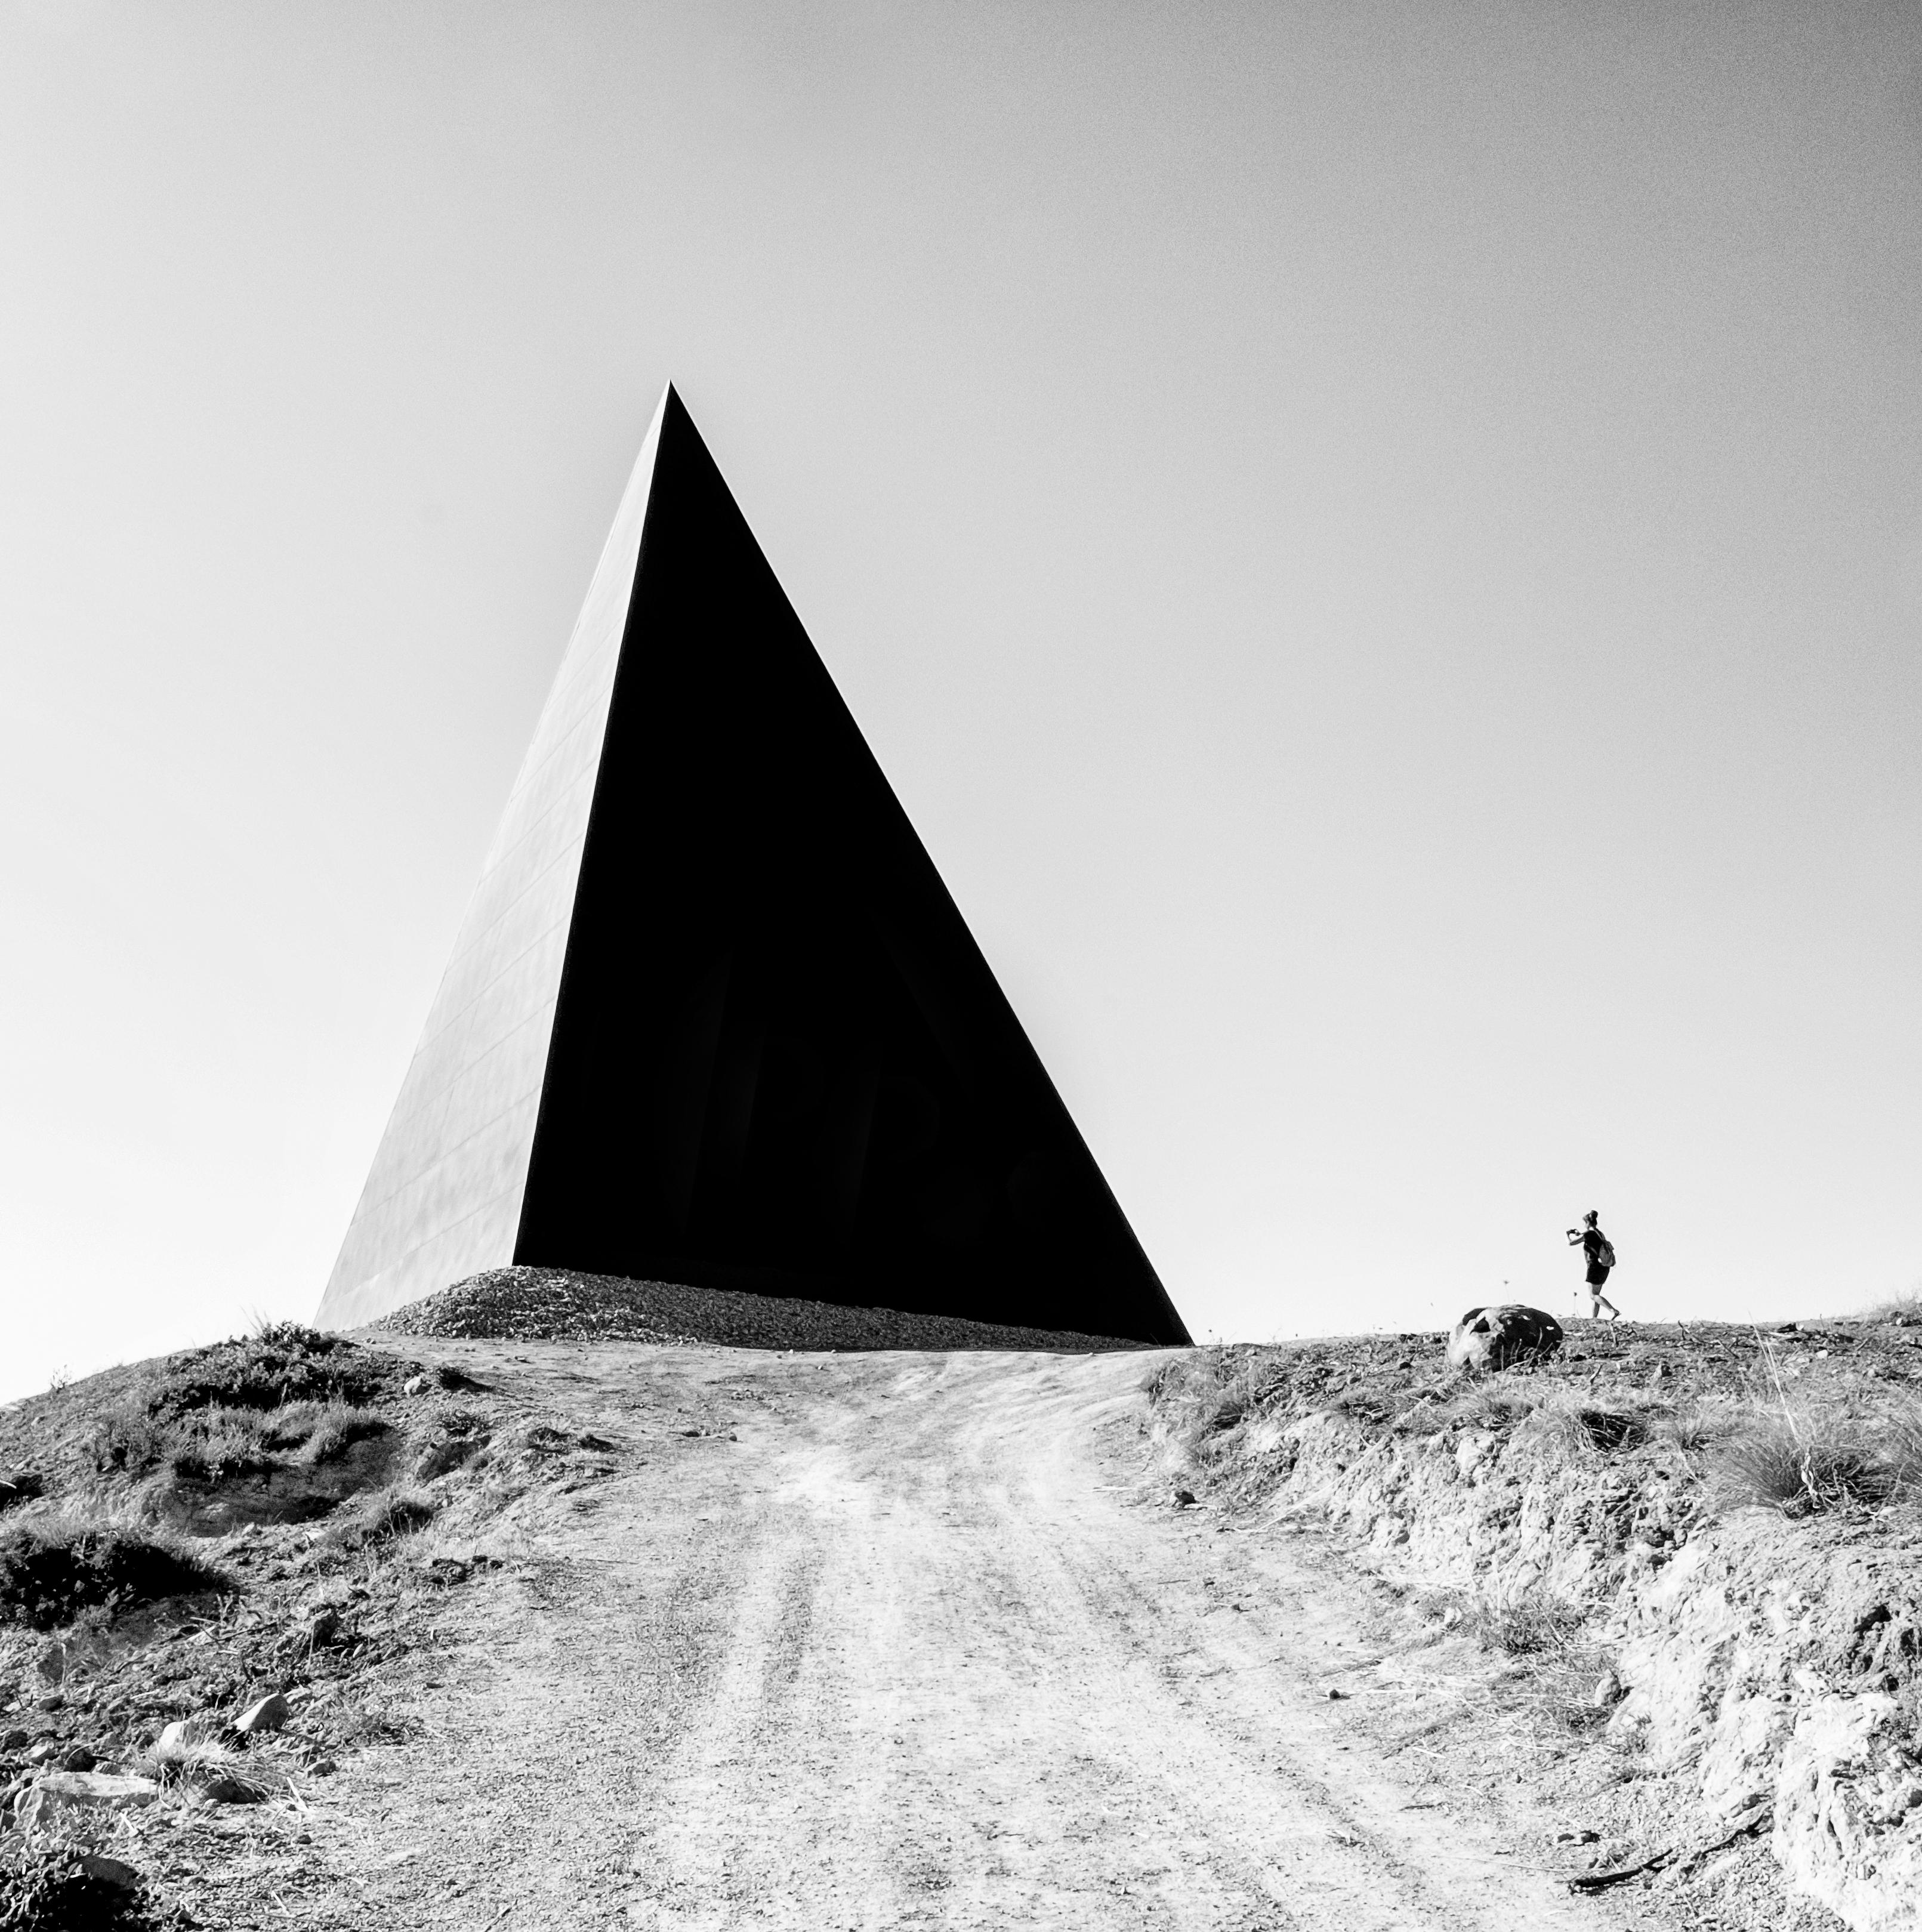 © Rosaria Sabrina Pantano, Italy, Winner, Open, Architecture, 2020 Sony World Photography Awards